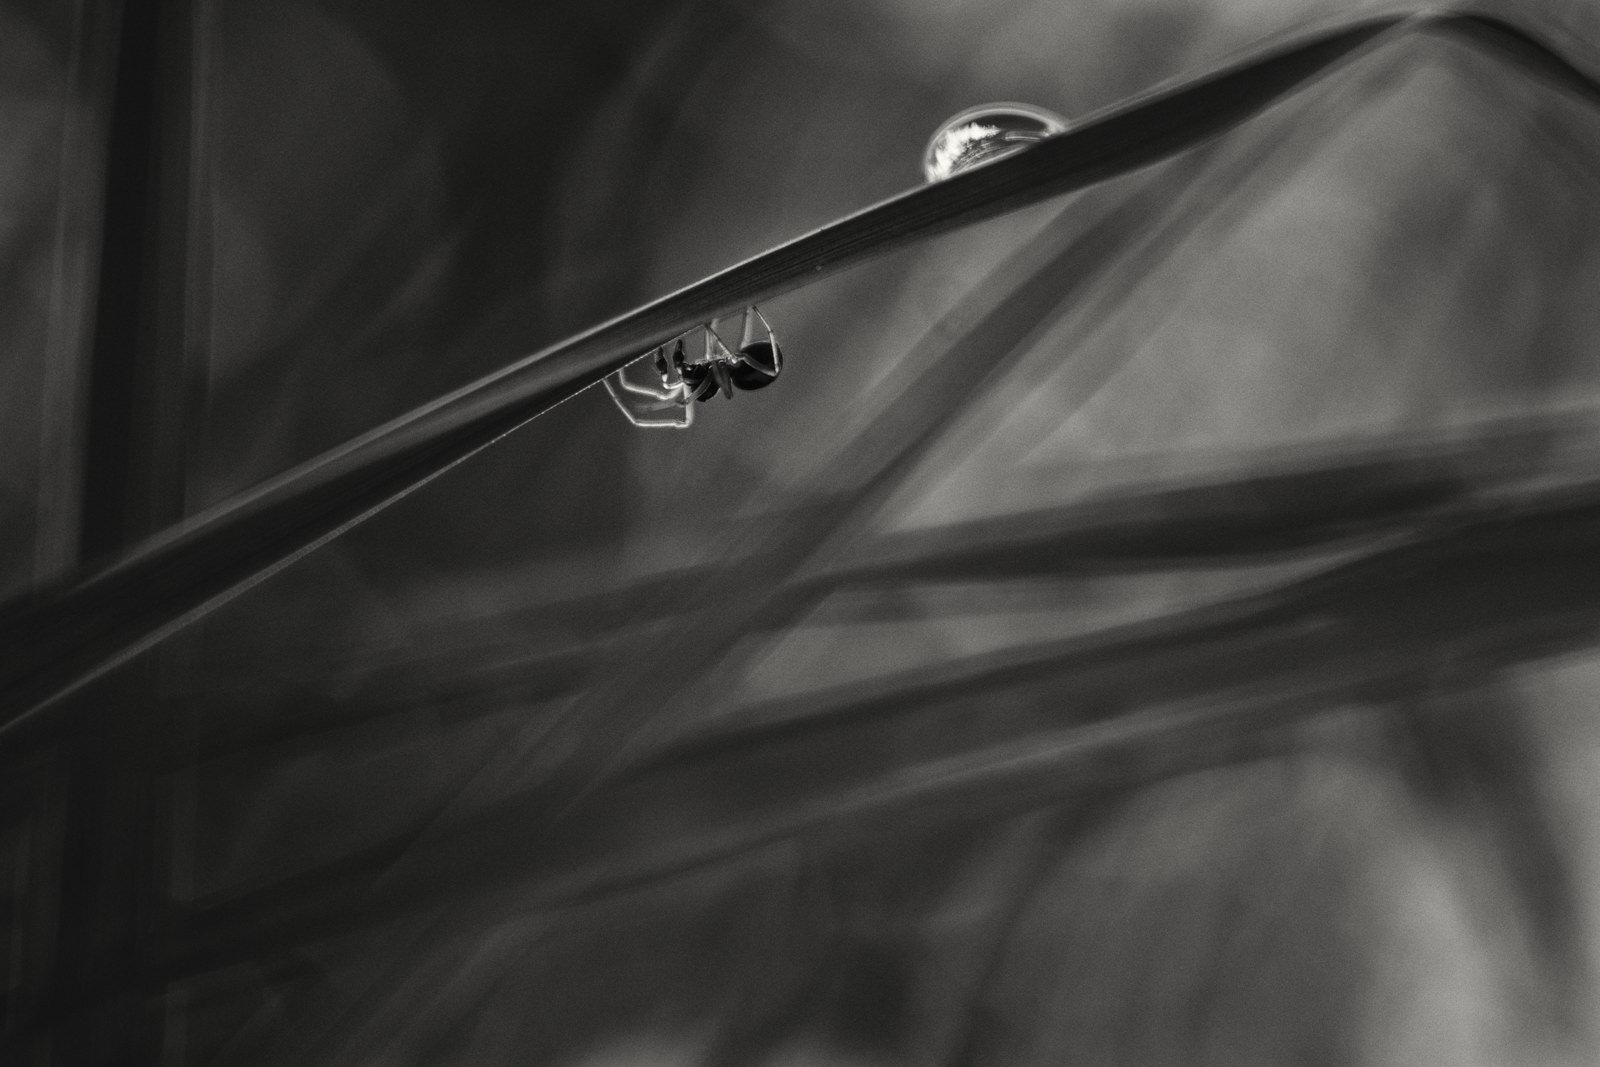 """Førsteplads i kategorien """"Insekter og spindlere"""". Fotograferet med et Olympus E-M5 MKI købt brugt for 2000kr. og et gammeltZeiss Jena 50mm. objektiv. (Foto: Carsten Krog Pedersen)."""